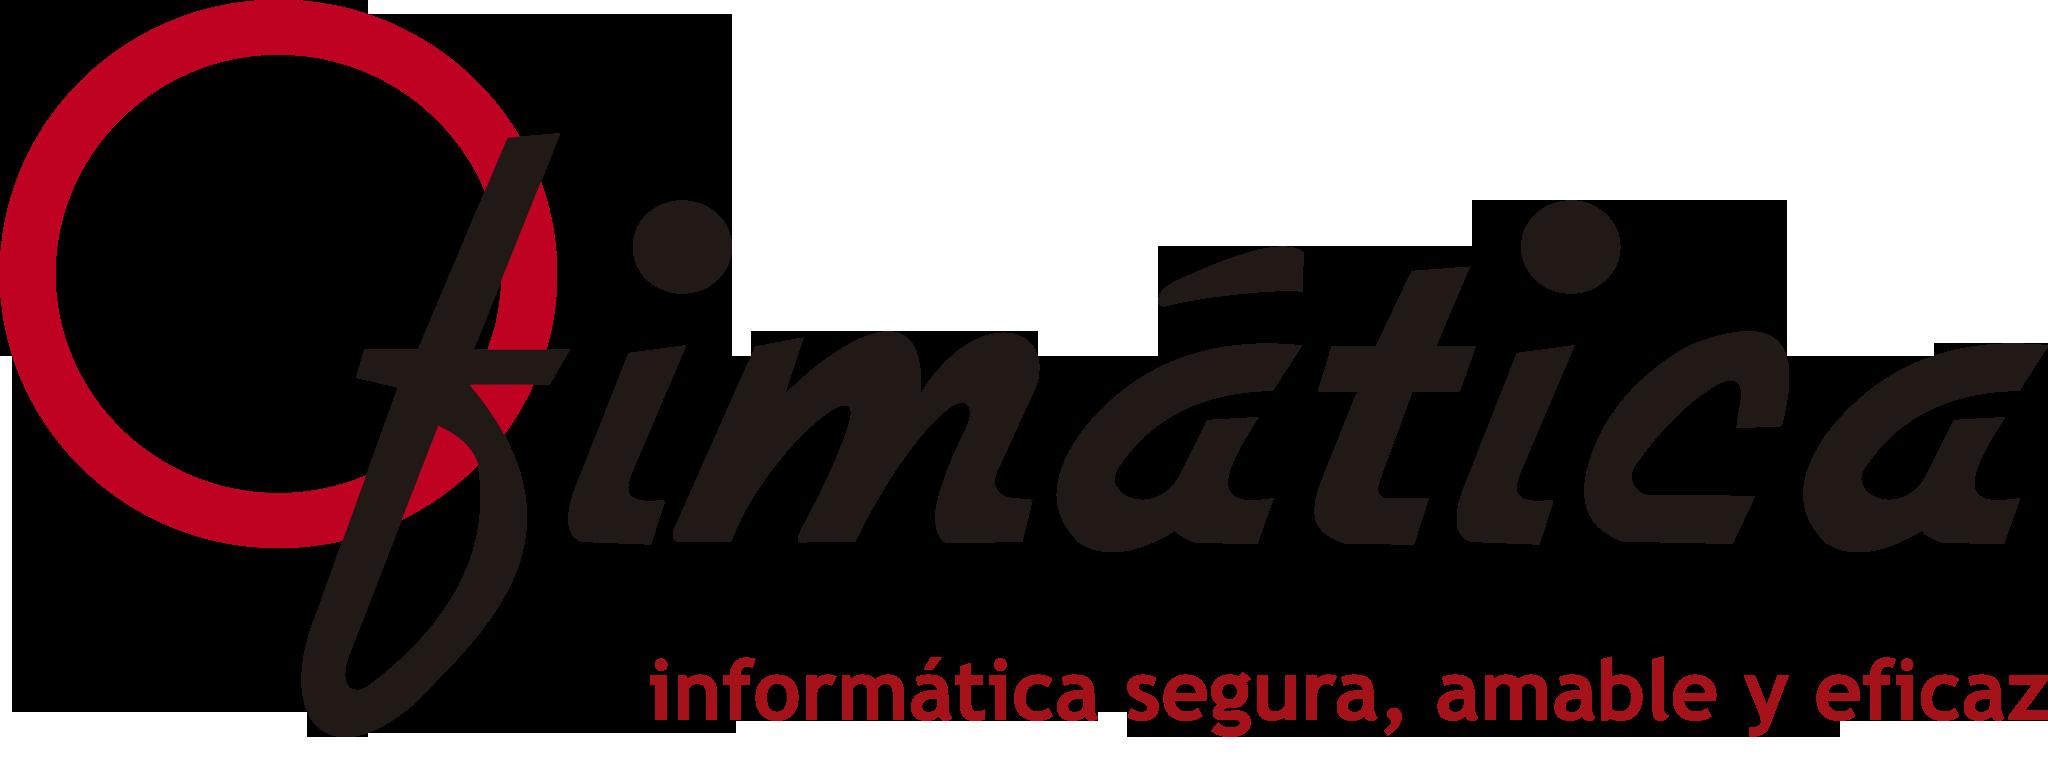 parcupc_entitat_ofimatica.png